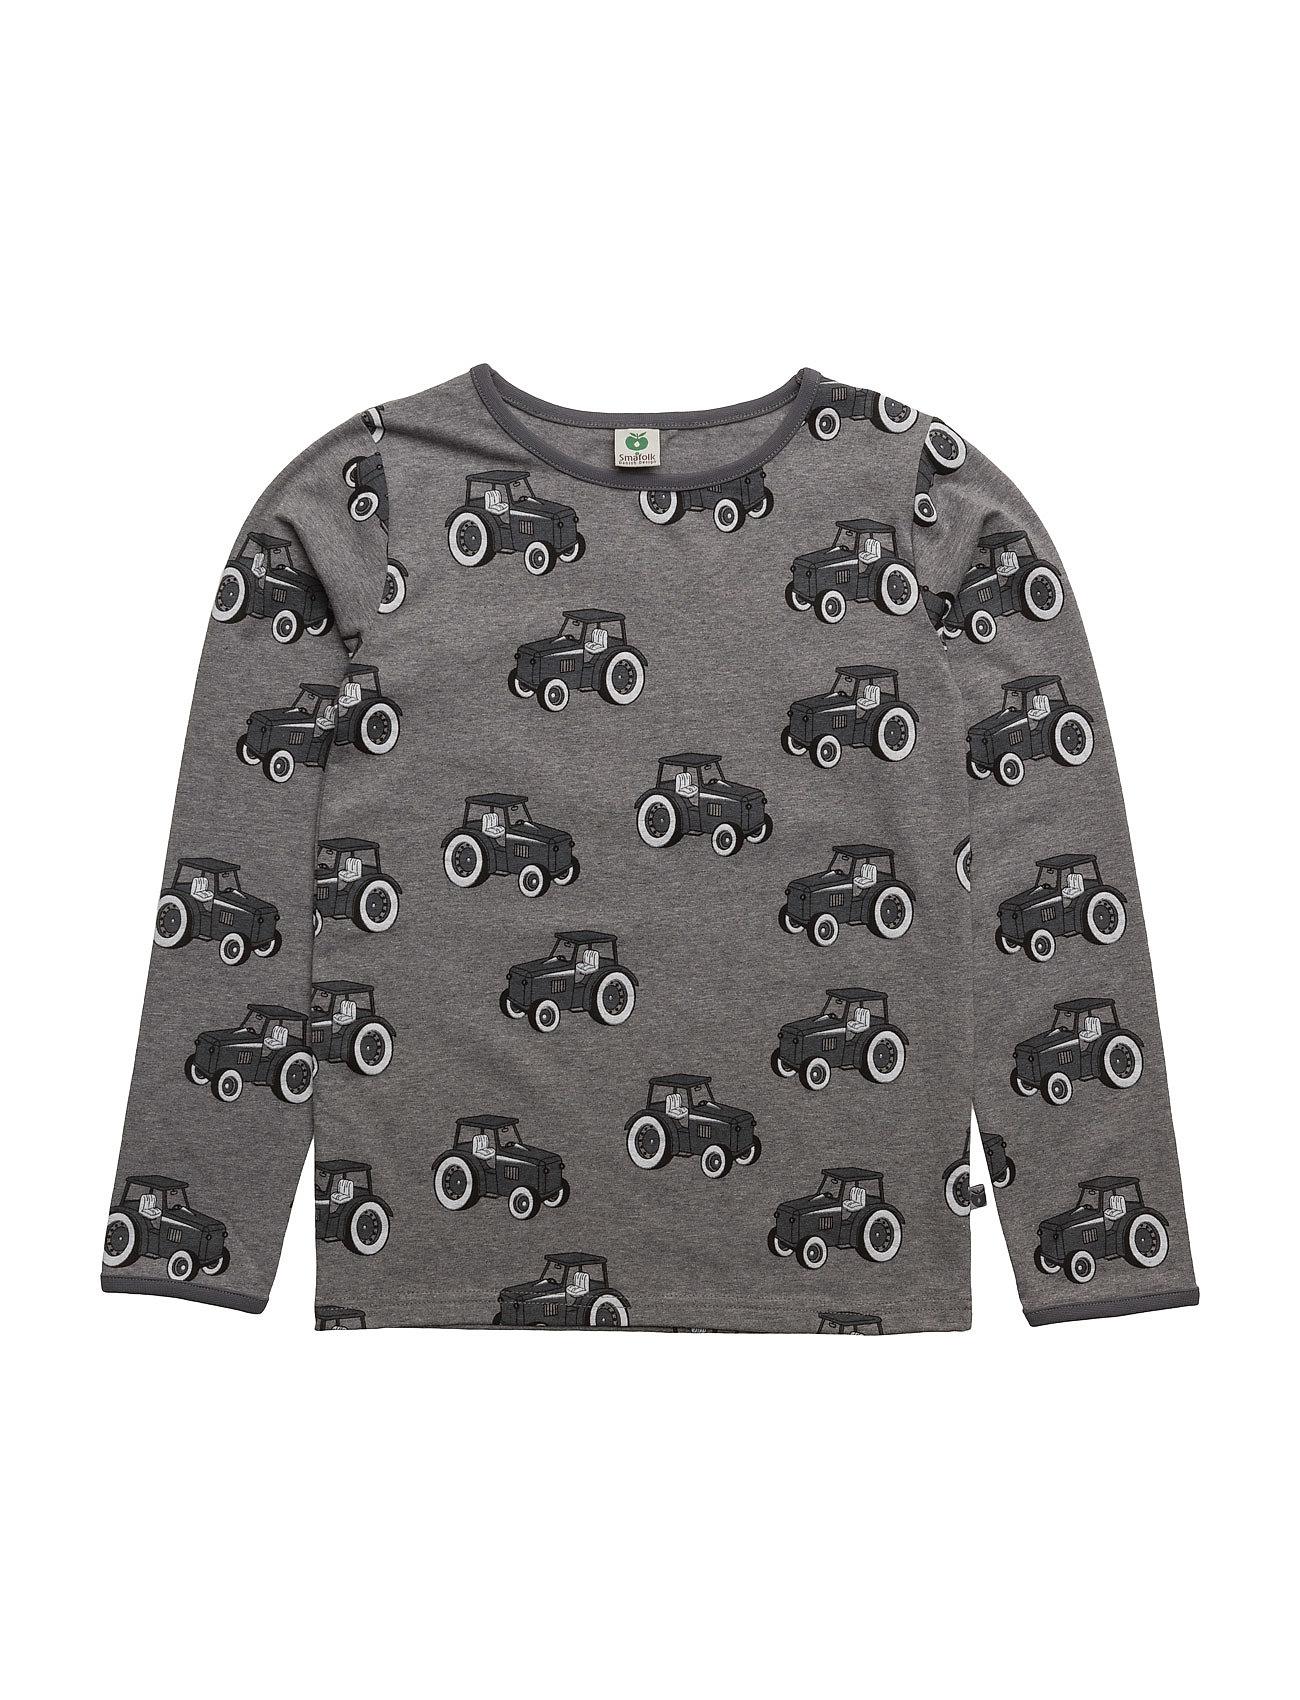 T-Shirt SmÂfolk Langærmede t-shirts til Børn i